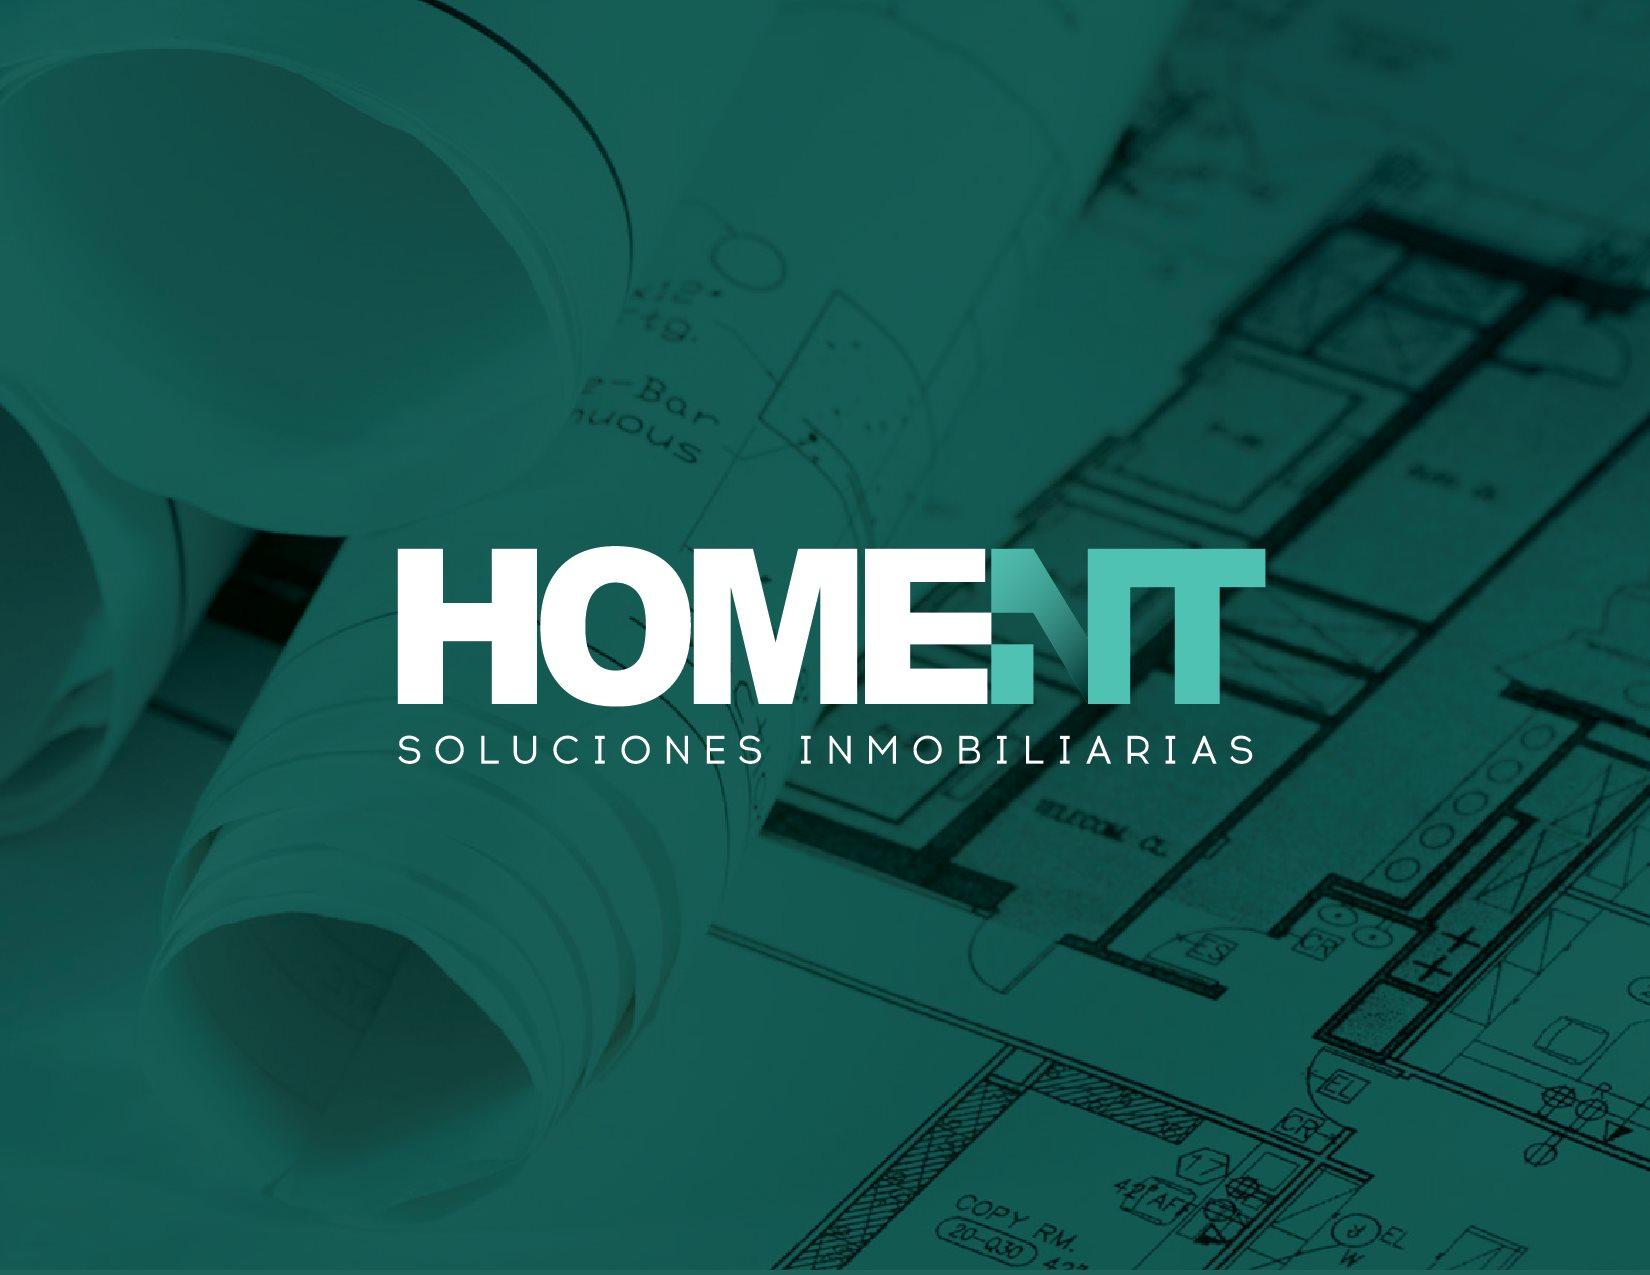 Servicios Inmobiliarios y Comerciales de Mexico S.A. de C.V